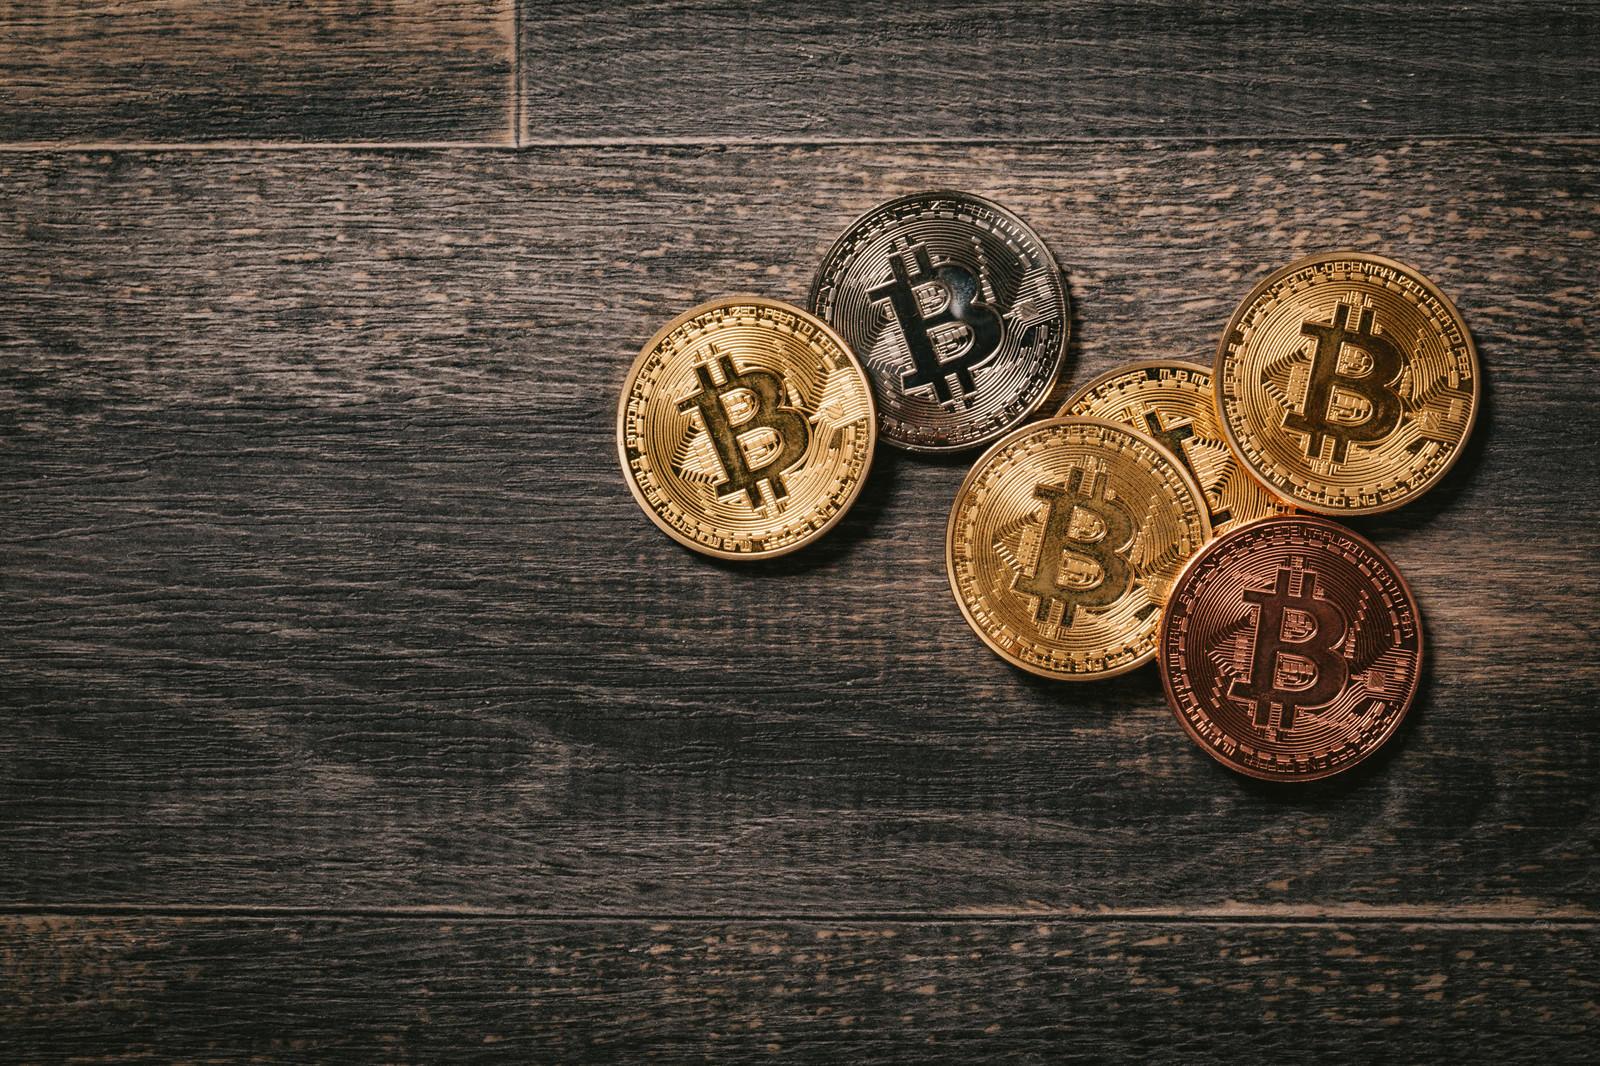 「木目の板とビットコインのメダル」の写真